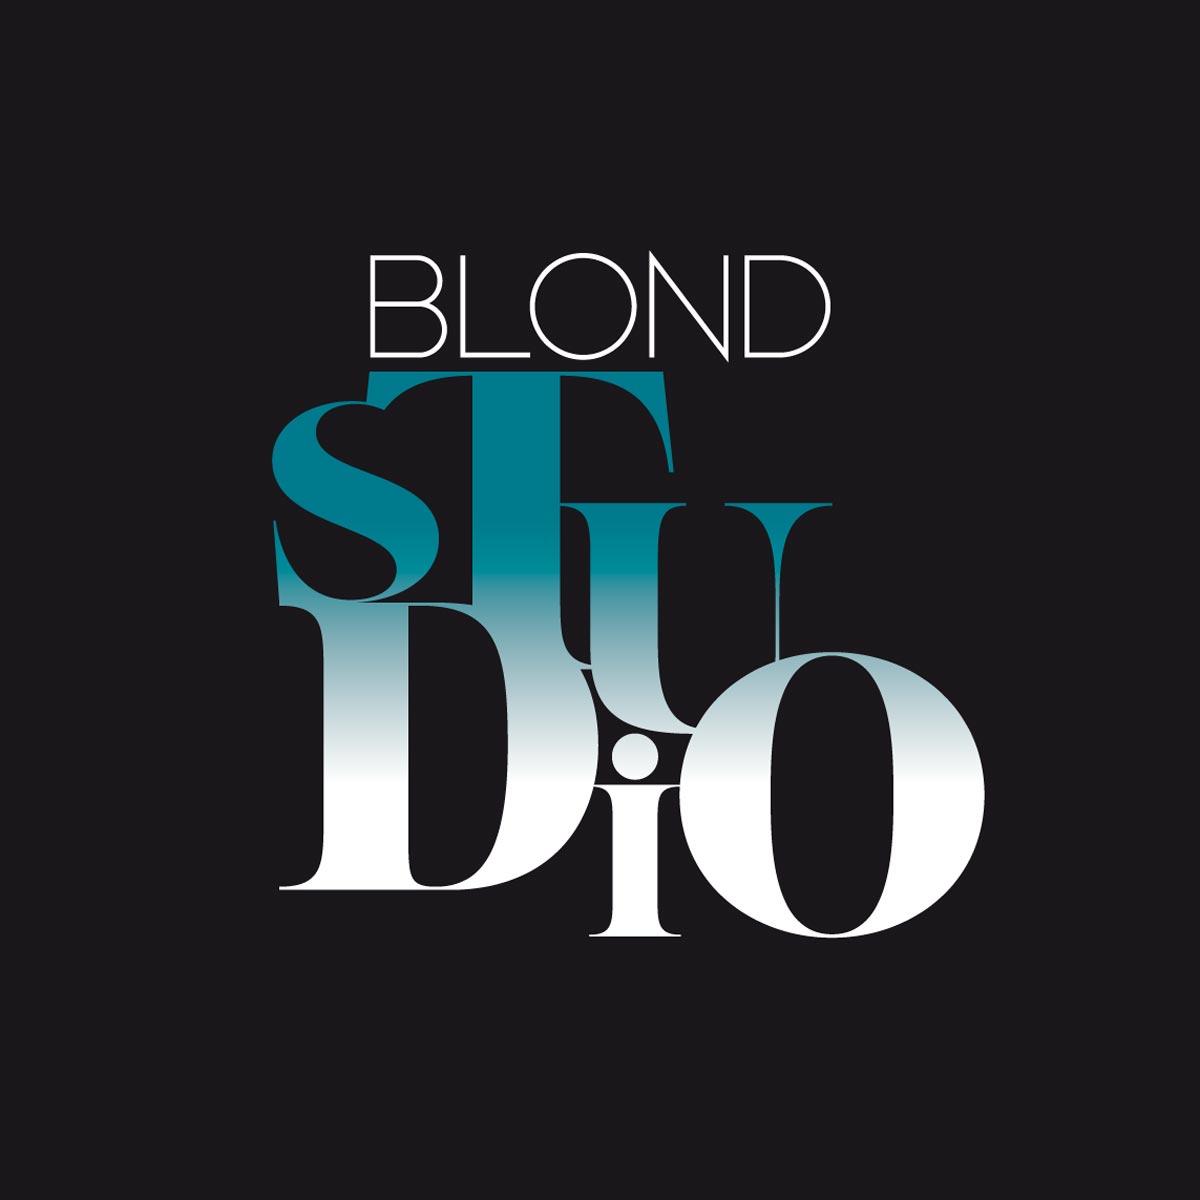 L'Oréal Professionnel uvedl v květnu 2015 novou kompletní řadu zesvětlujících produktů vytvořenou ve spolupráci s kadeřníky – Blond studio. S ním přichází i tři nové techniky, které jsou zdrojem inspirace v oblasti parciálních efektů nejen pro vás ale i pro vaše kadeřníky – contouring, babylights a sunkissed.